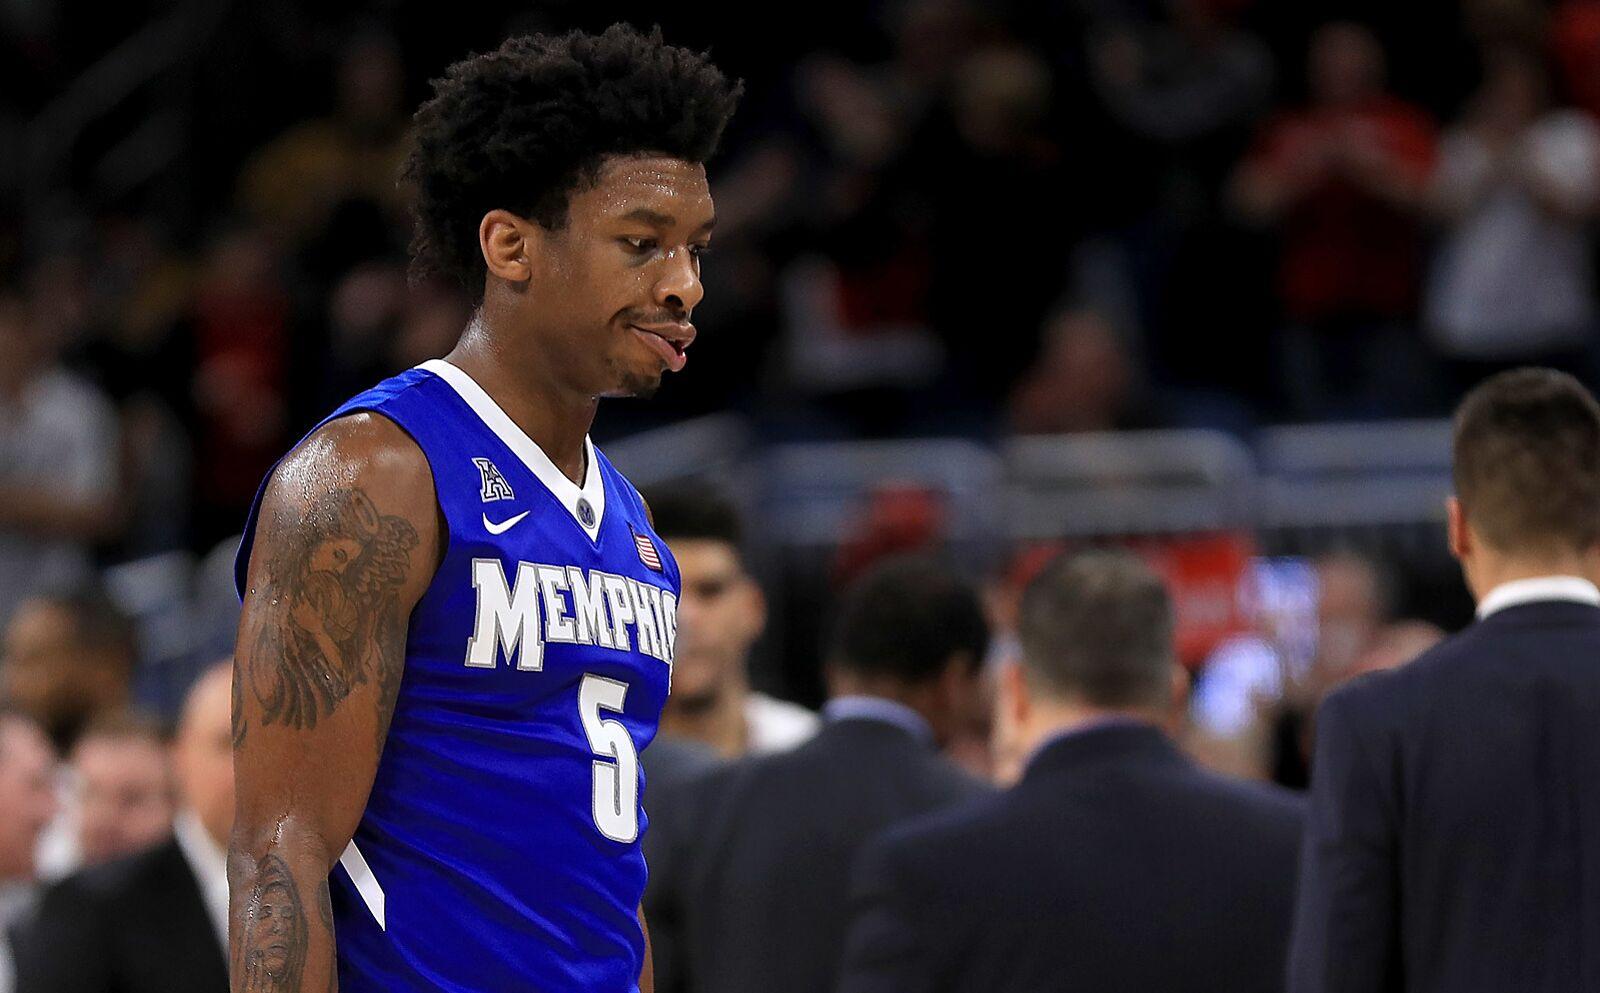 reputable site 8e8a1 2820a Examining the 2018 recruiting class for Memphis Basketball